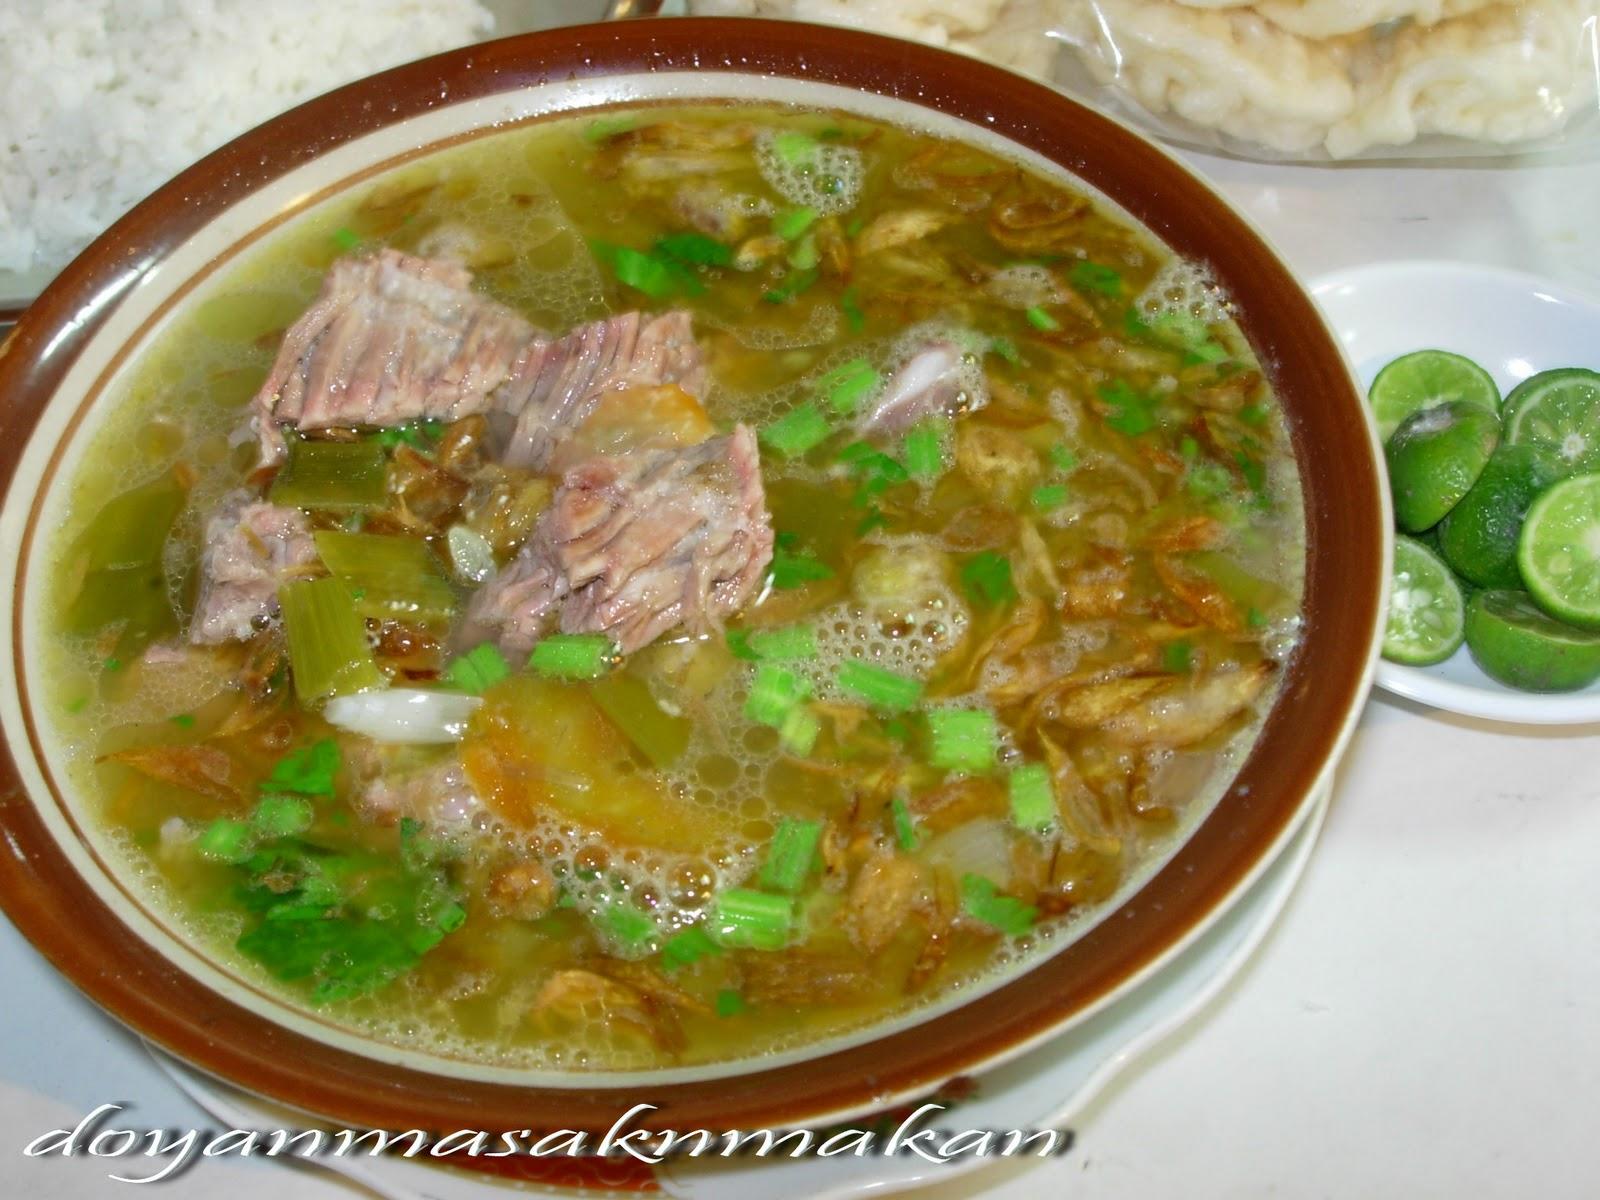 Resep Masakan Indonesia - Sop Buntut